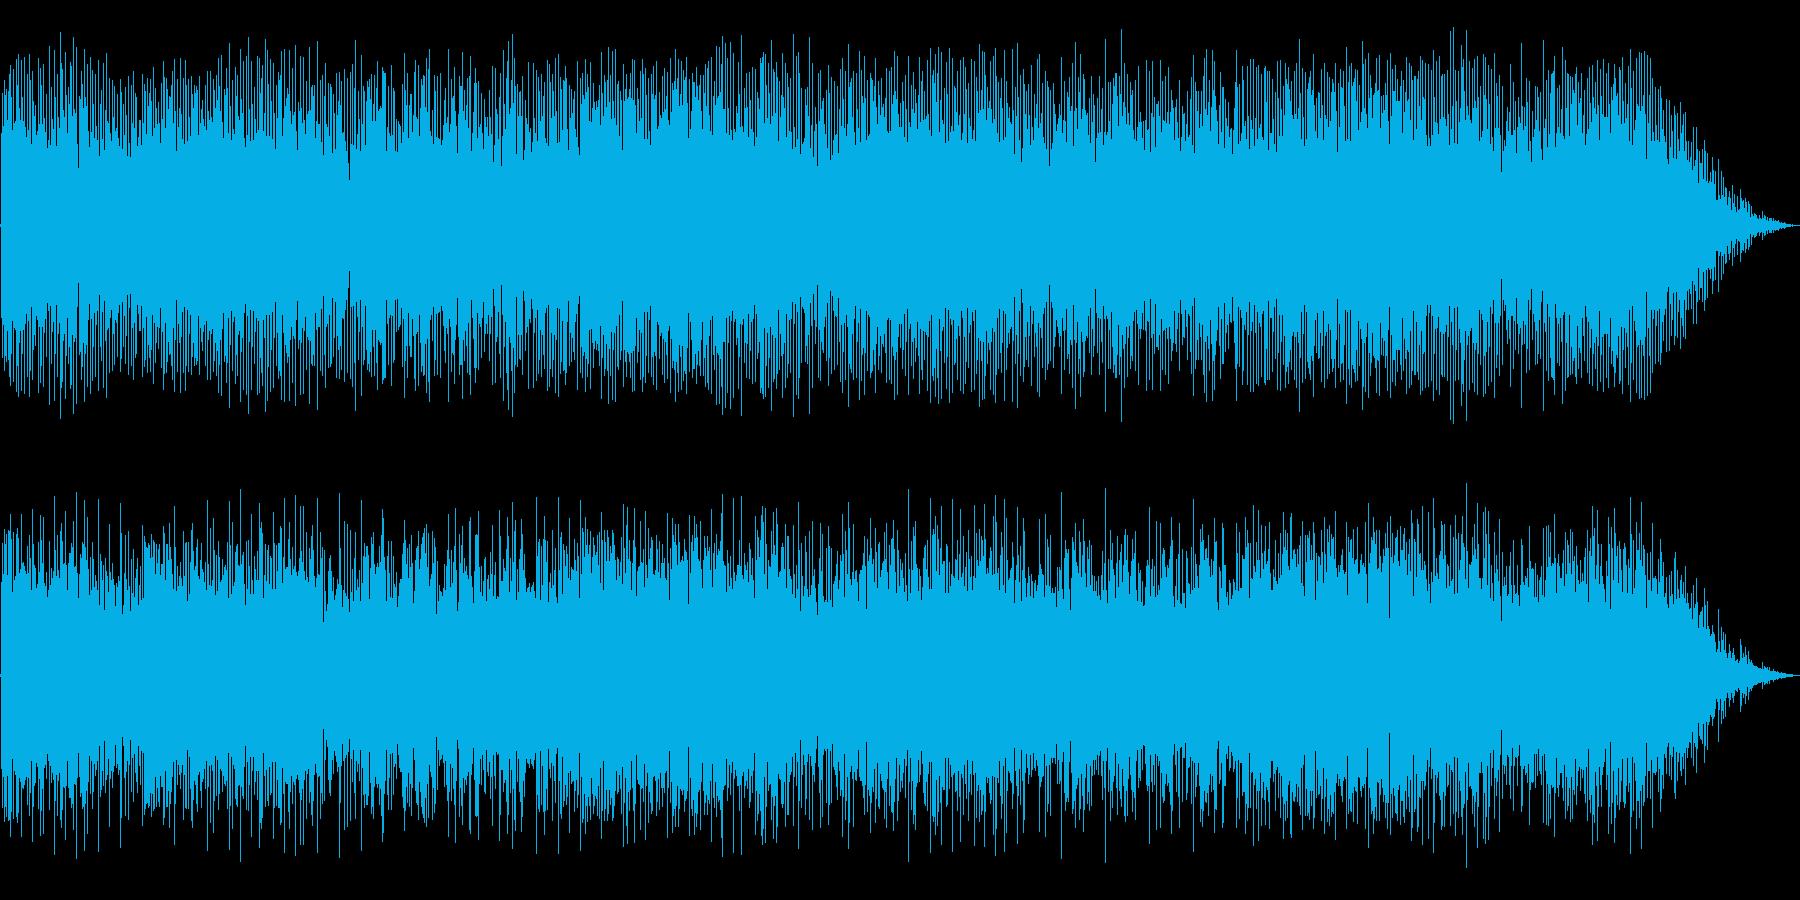 緊張感のある曲ですの再生済みの波形